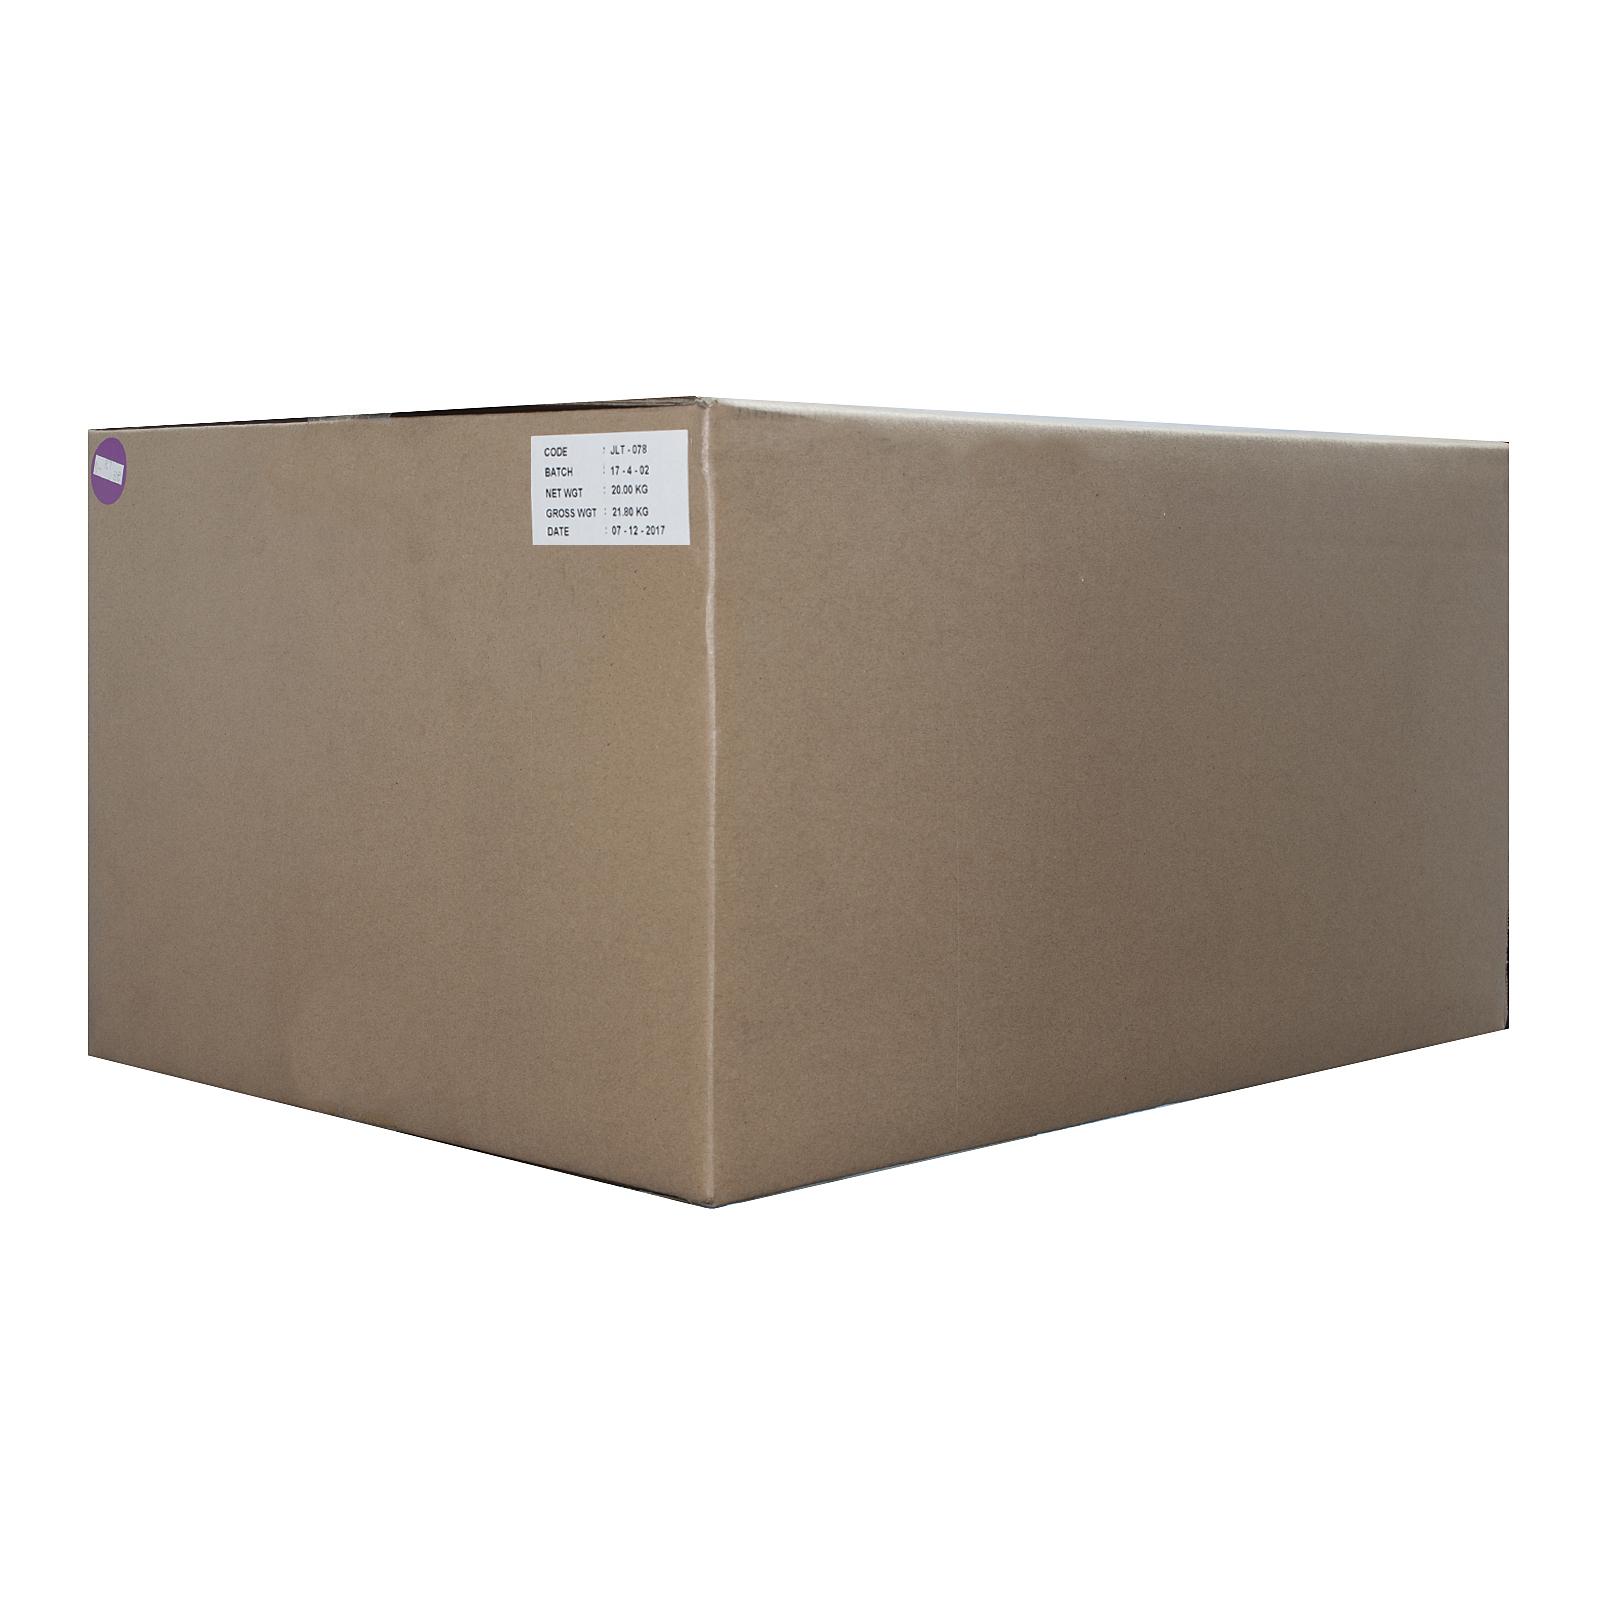 Тонер HP LJ1010/1160/1200/4250/P1005 2x10кг Jadi (TSM-JLT073-20)